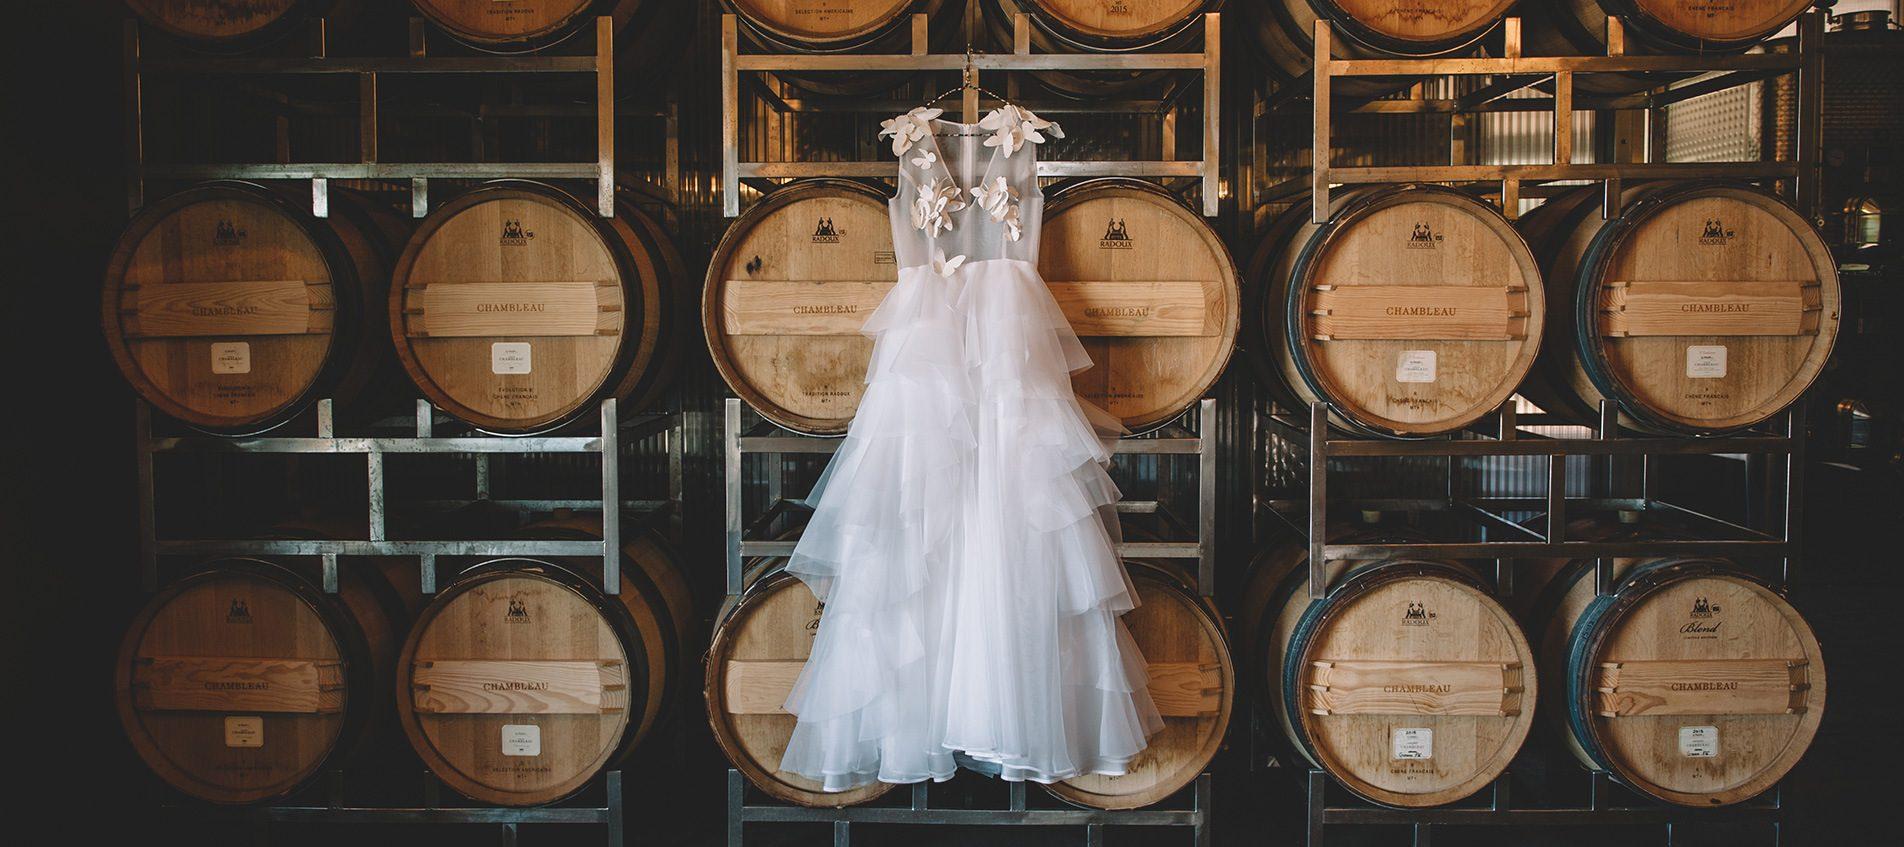 mariage domaine chambleau colombier photographe suisse